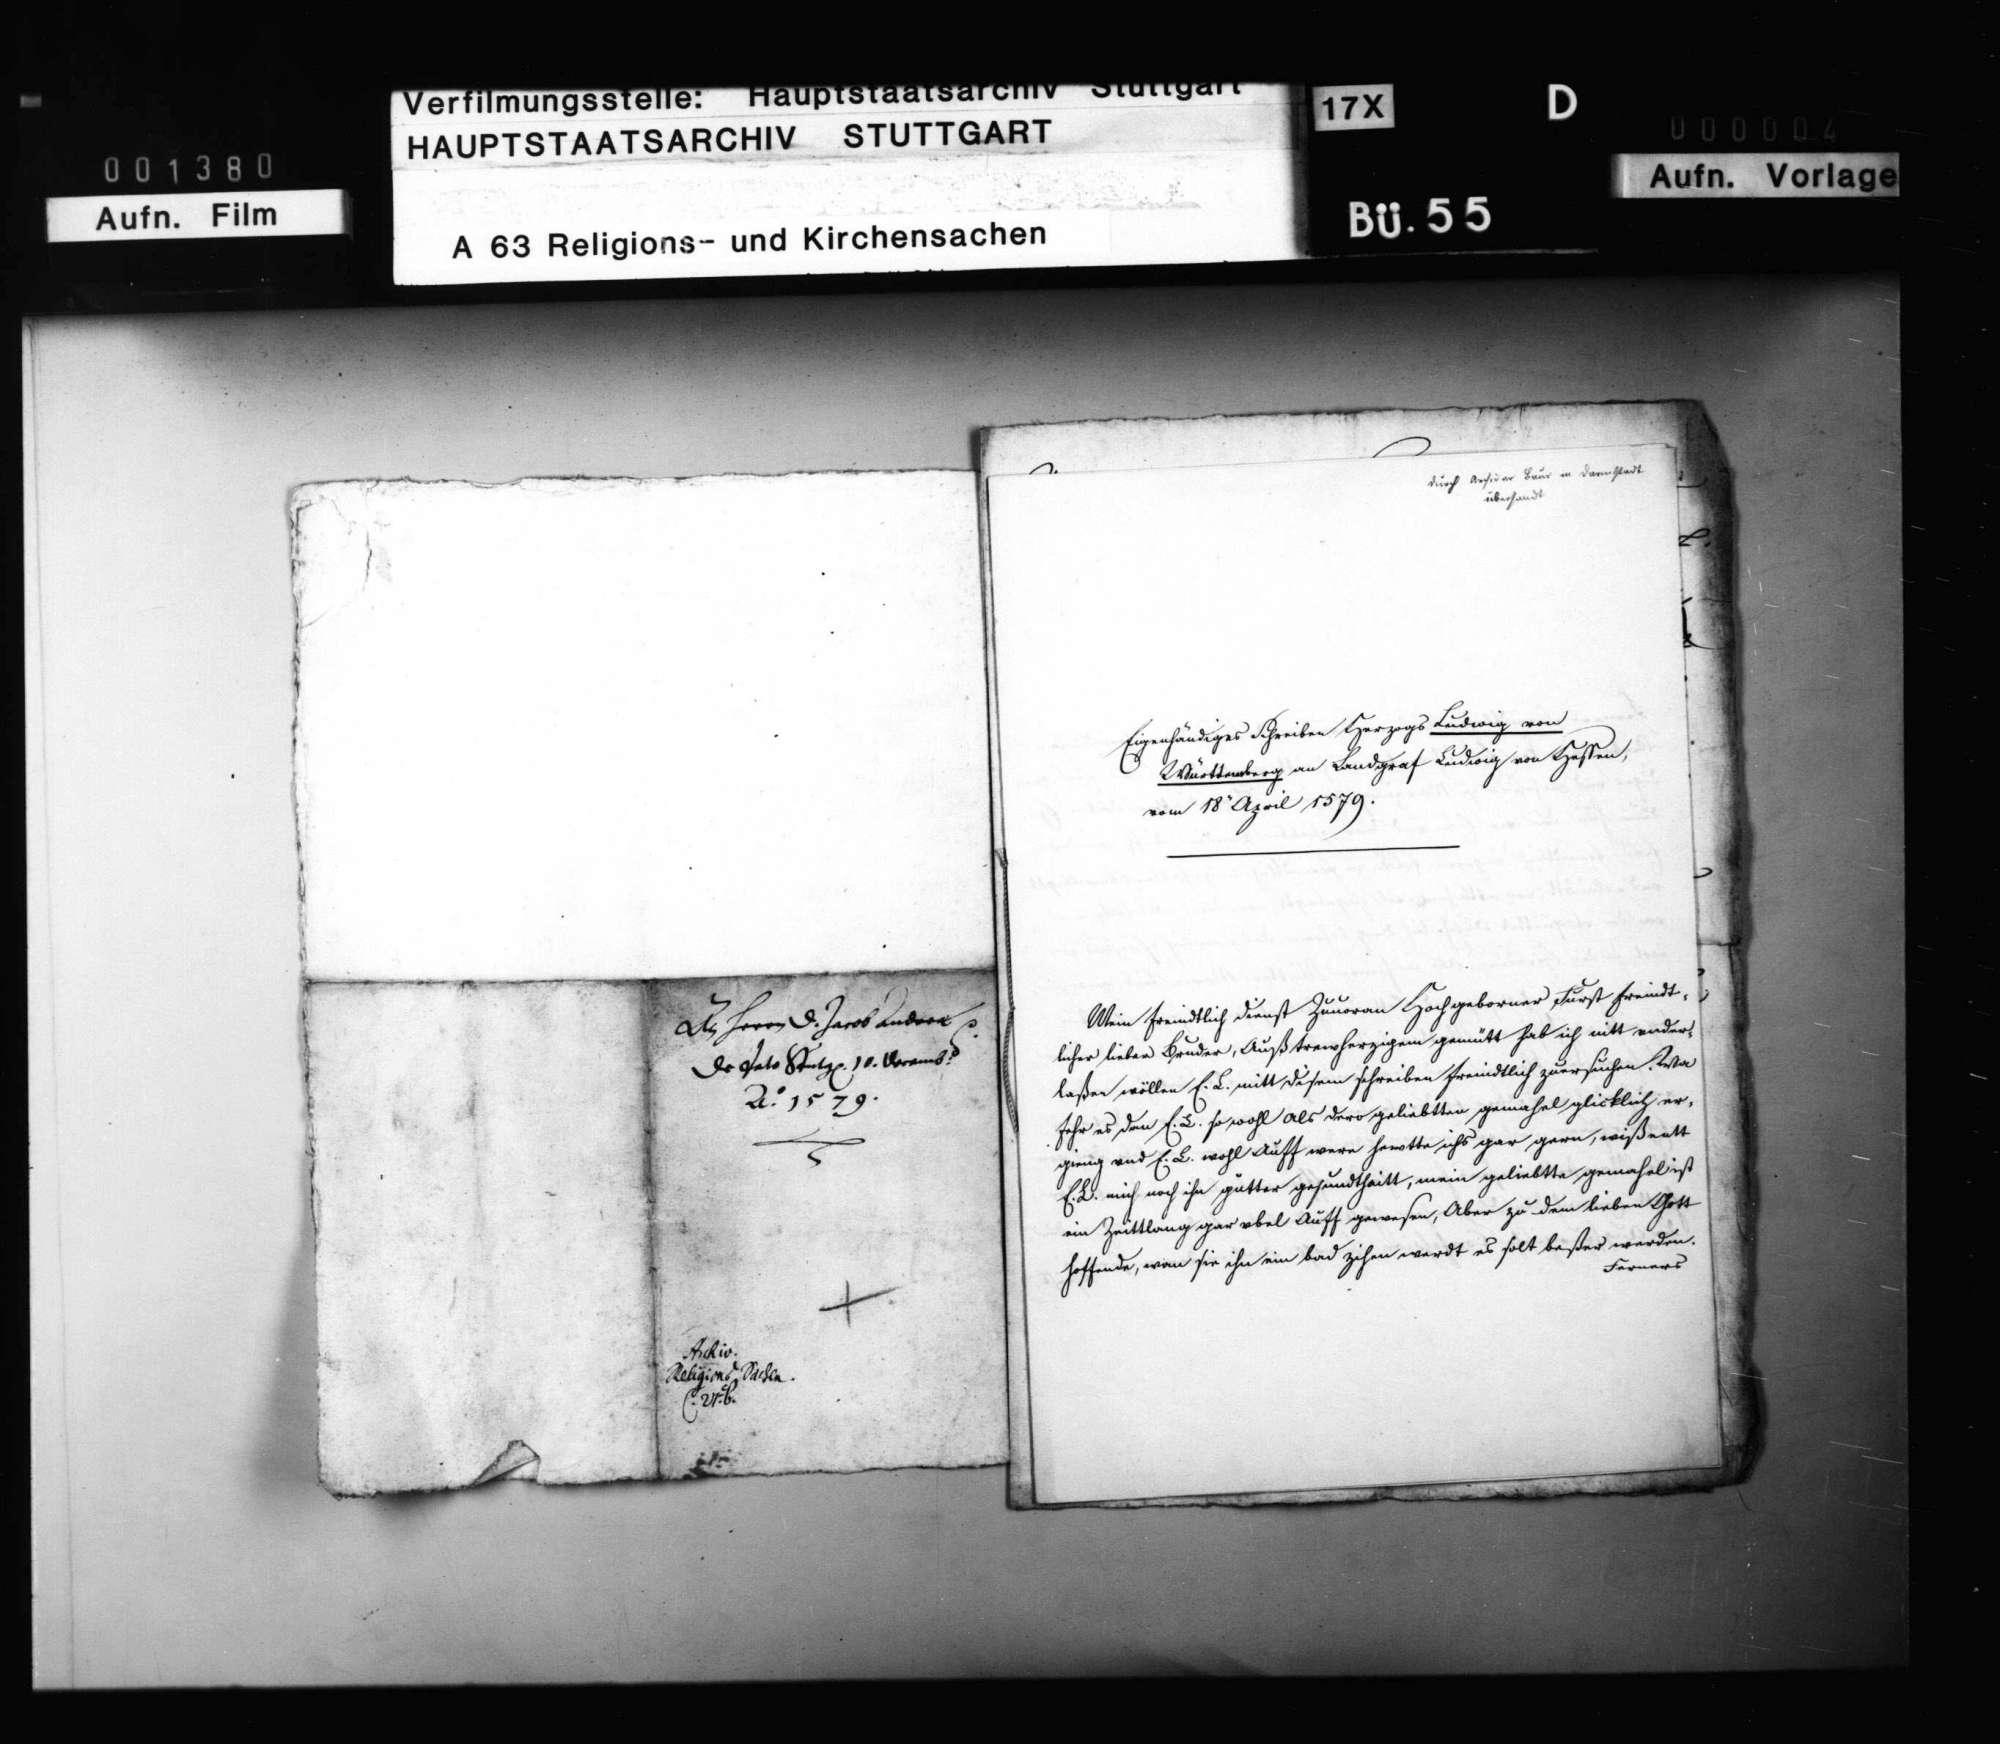 Schreiben Herzog Ludwigs an J. Andreä, er solle in der Betreibung des Concordienwerks standhaft bleiben. Abschrift., Bild 3